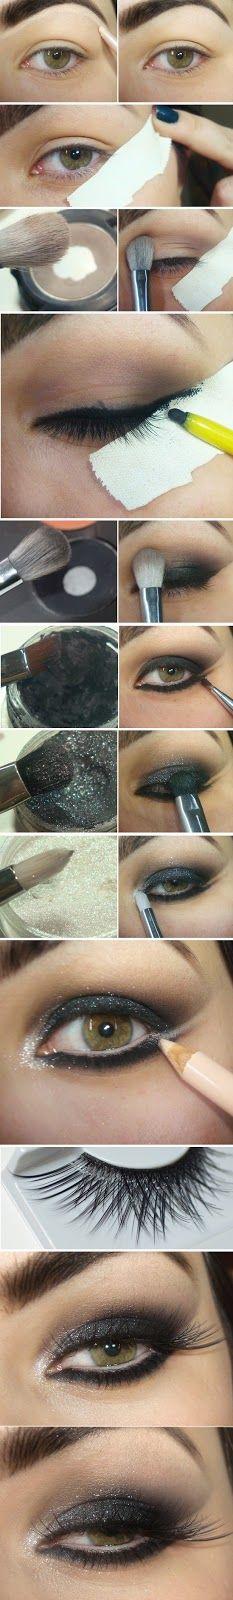 Super diva pra quem tem dificuldade na hora de esfumar, também ajuda a iluminar o olhar ( com o lápis branco)